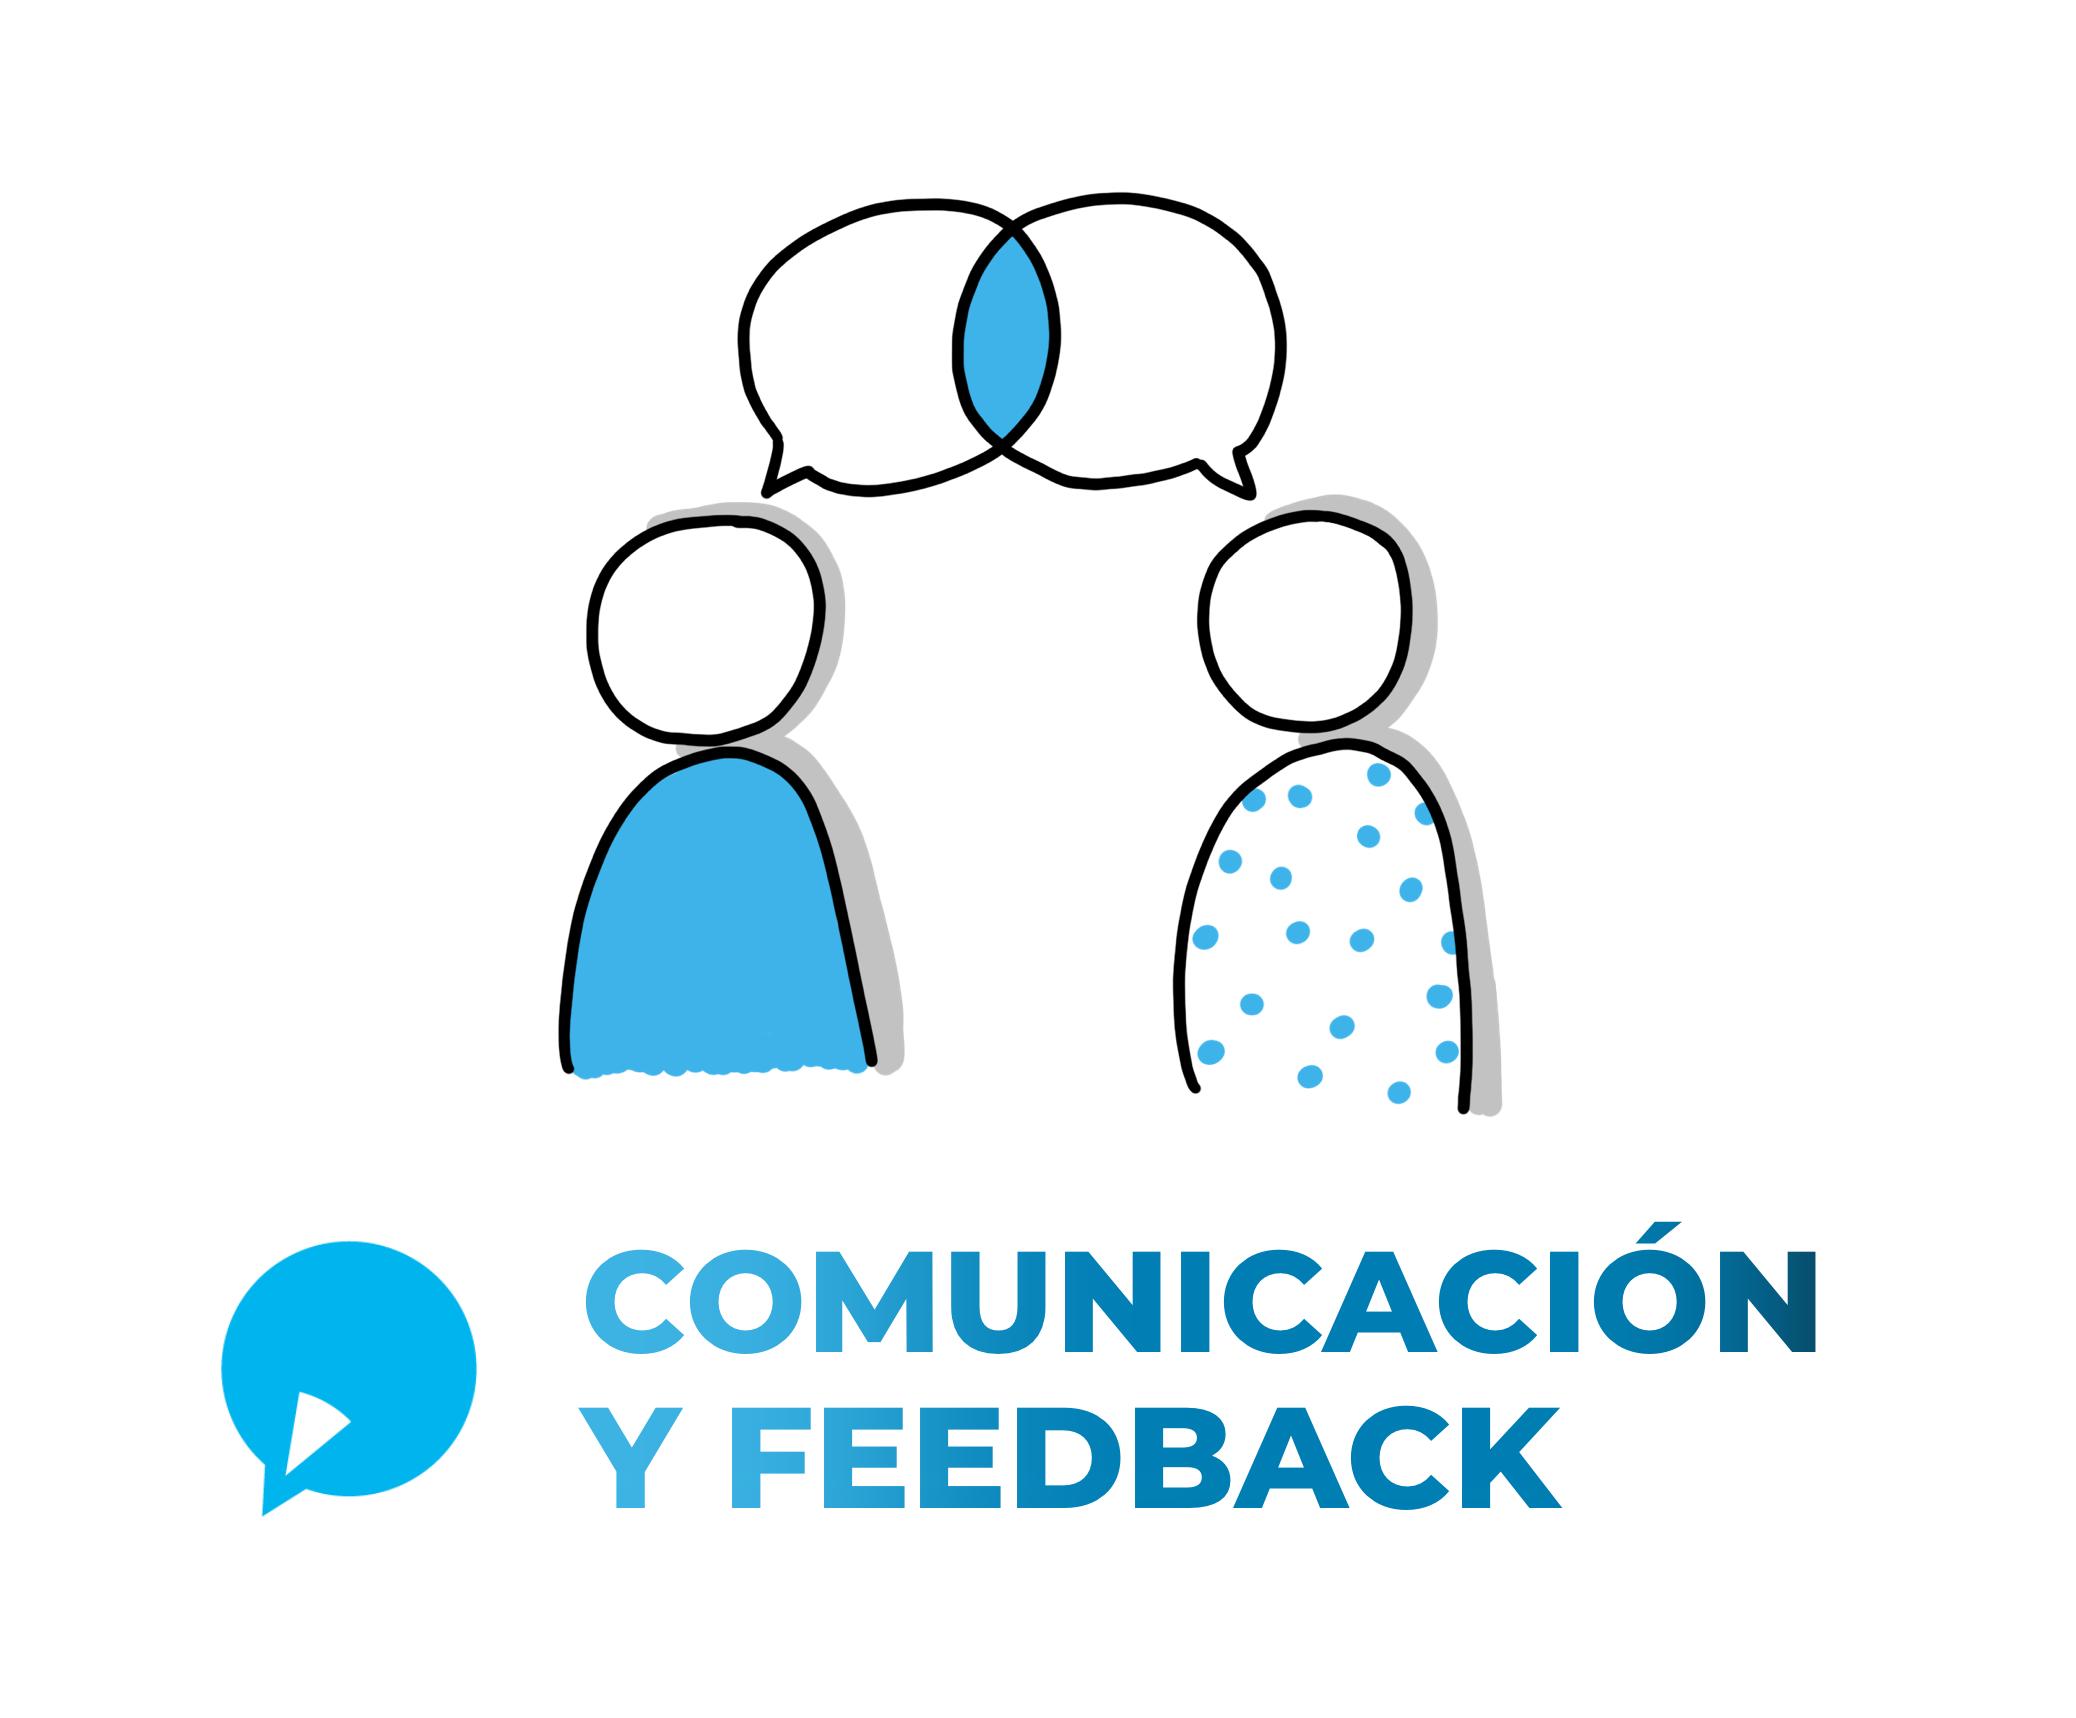 Imagen-comunicacion-y-feedback